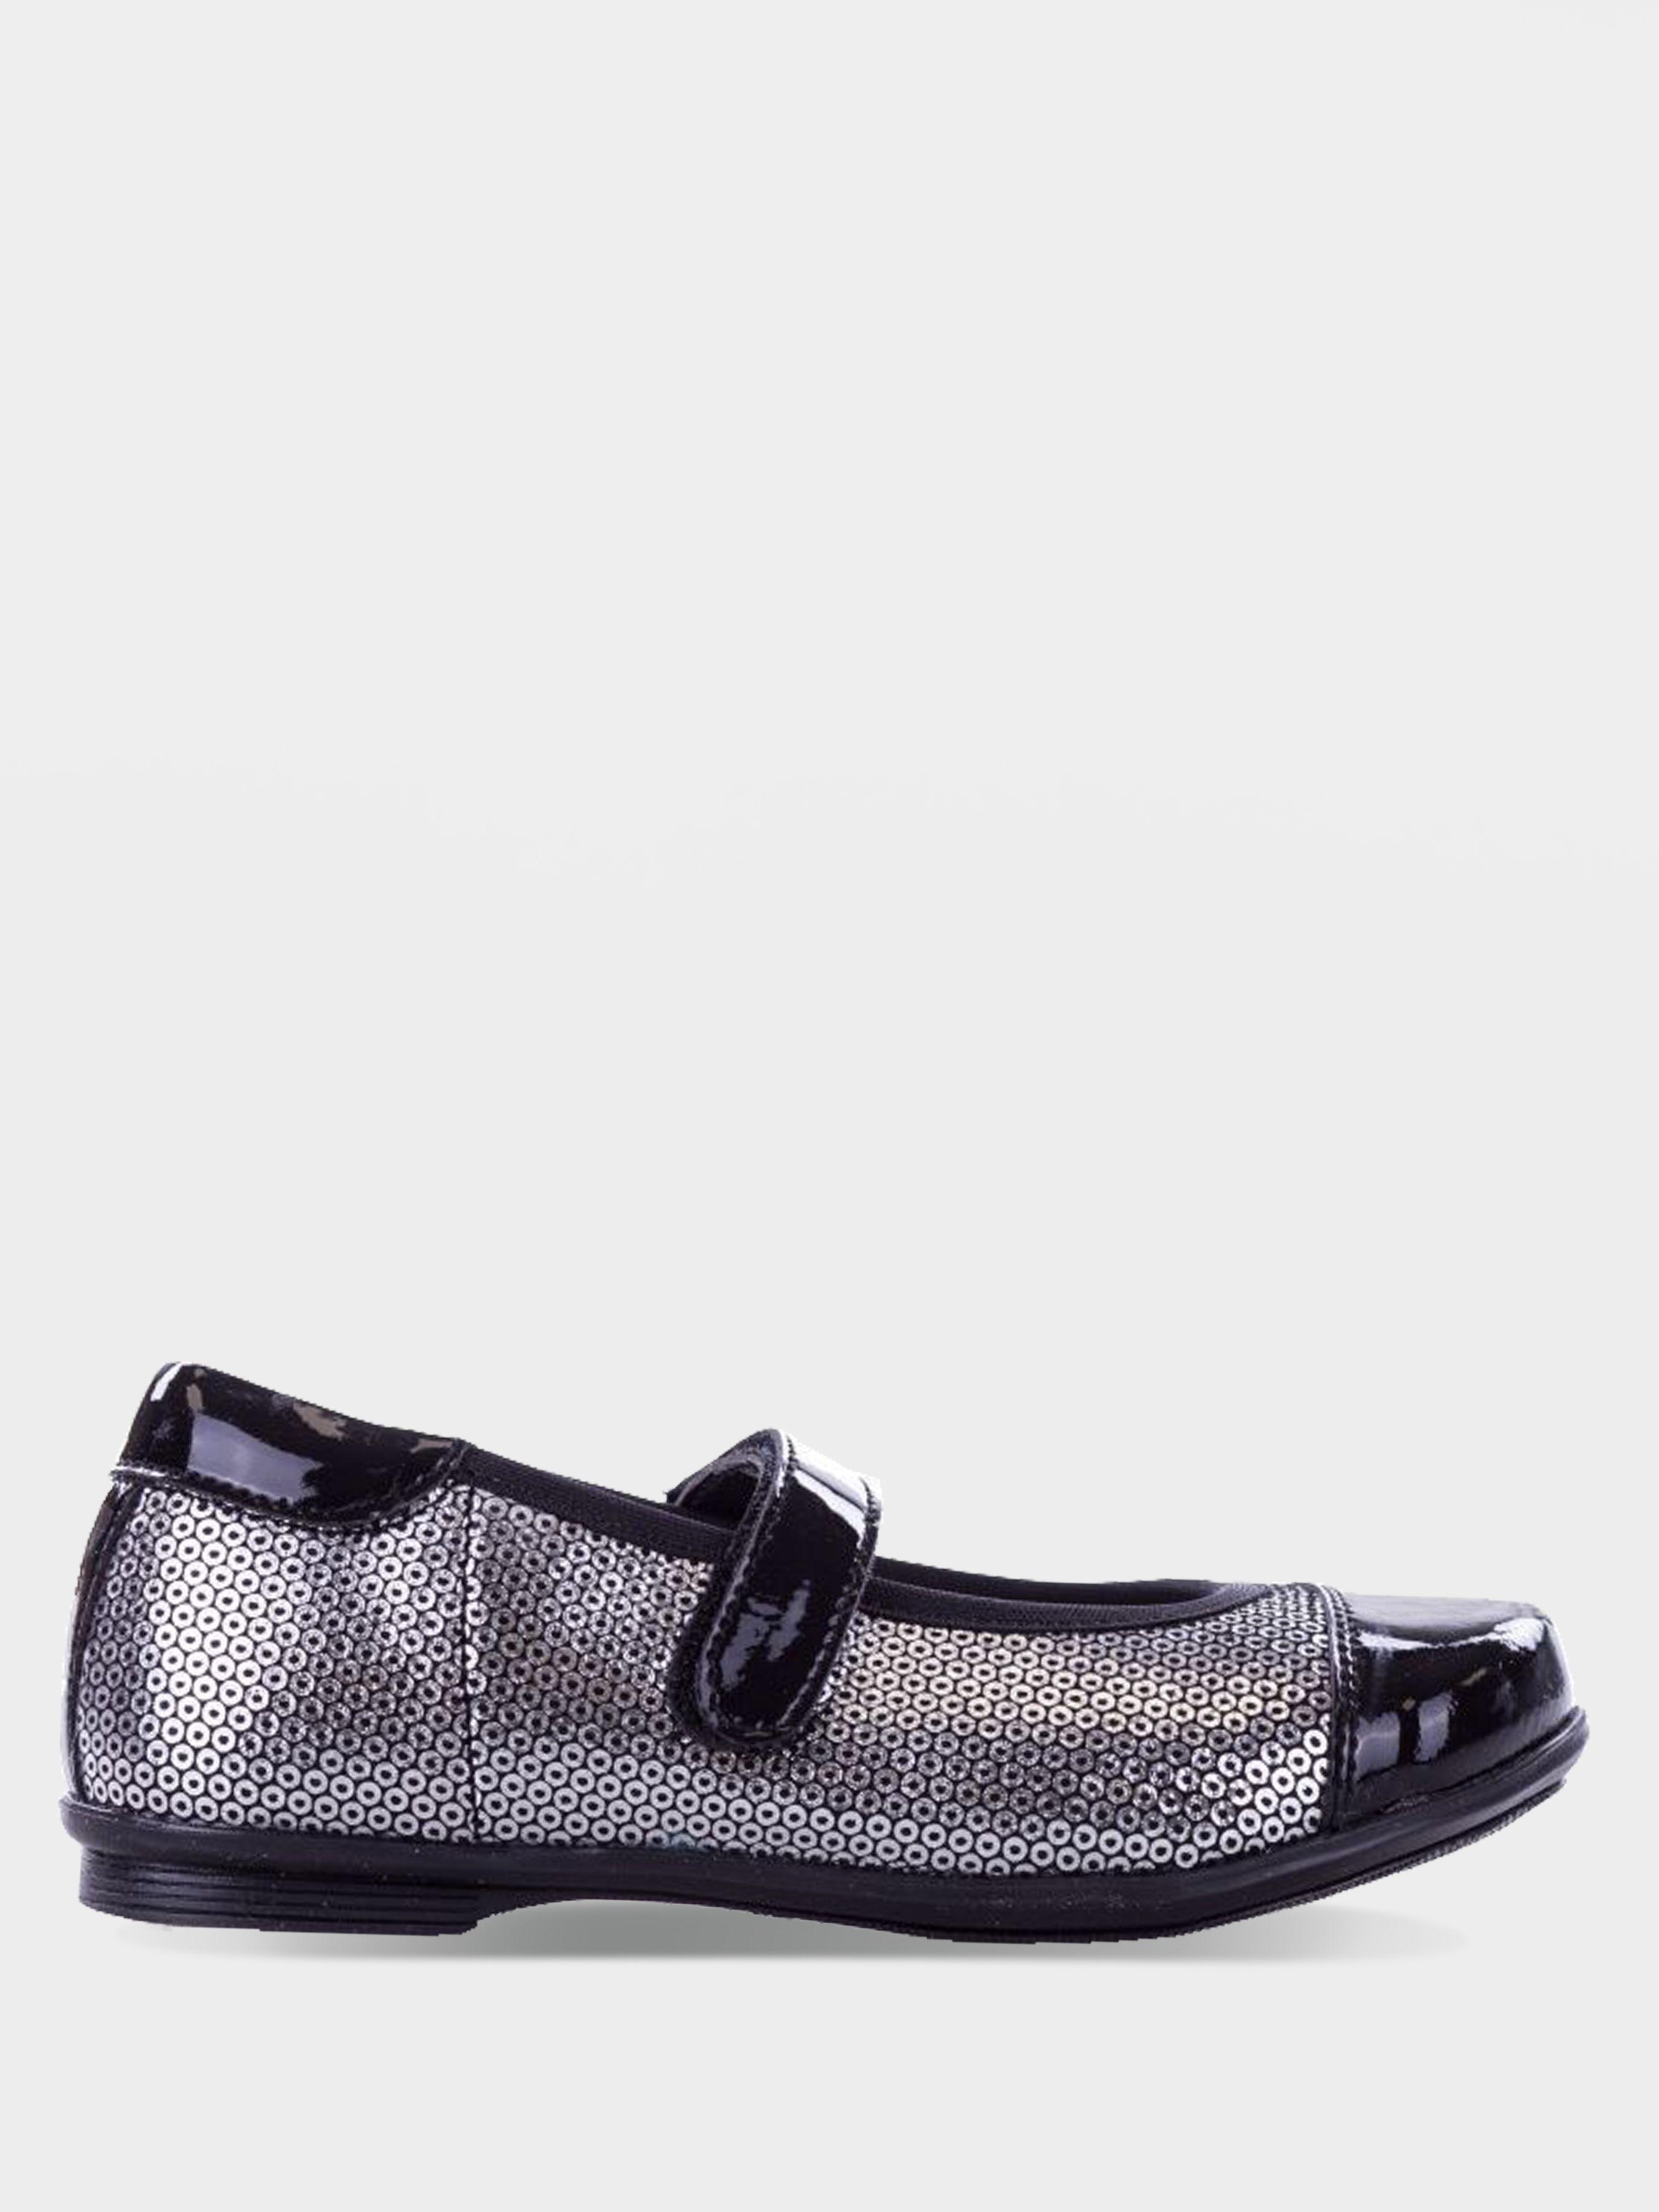 Купить Туфли детские Braska Кайрос AE160, Серебряный